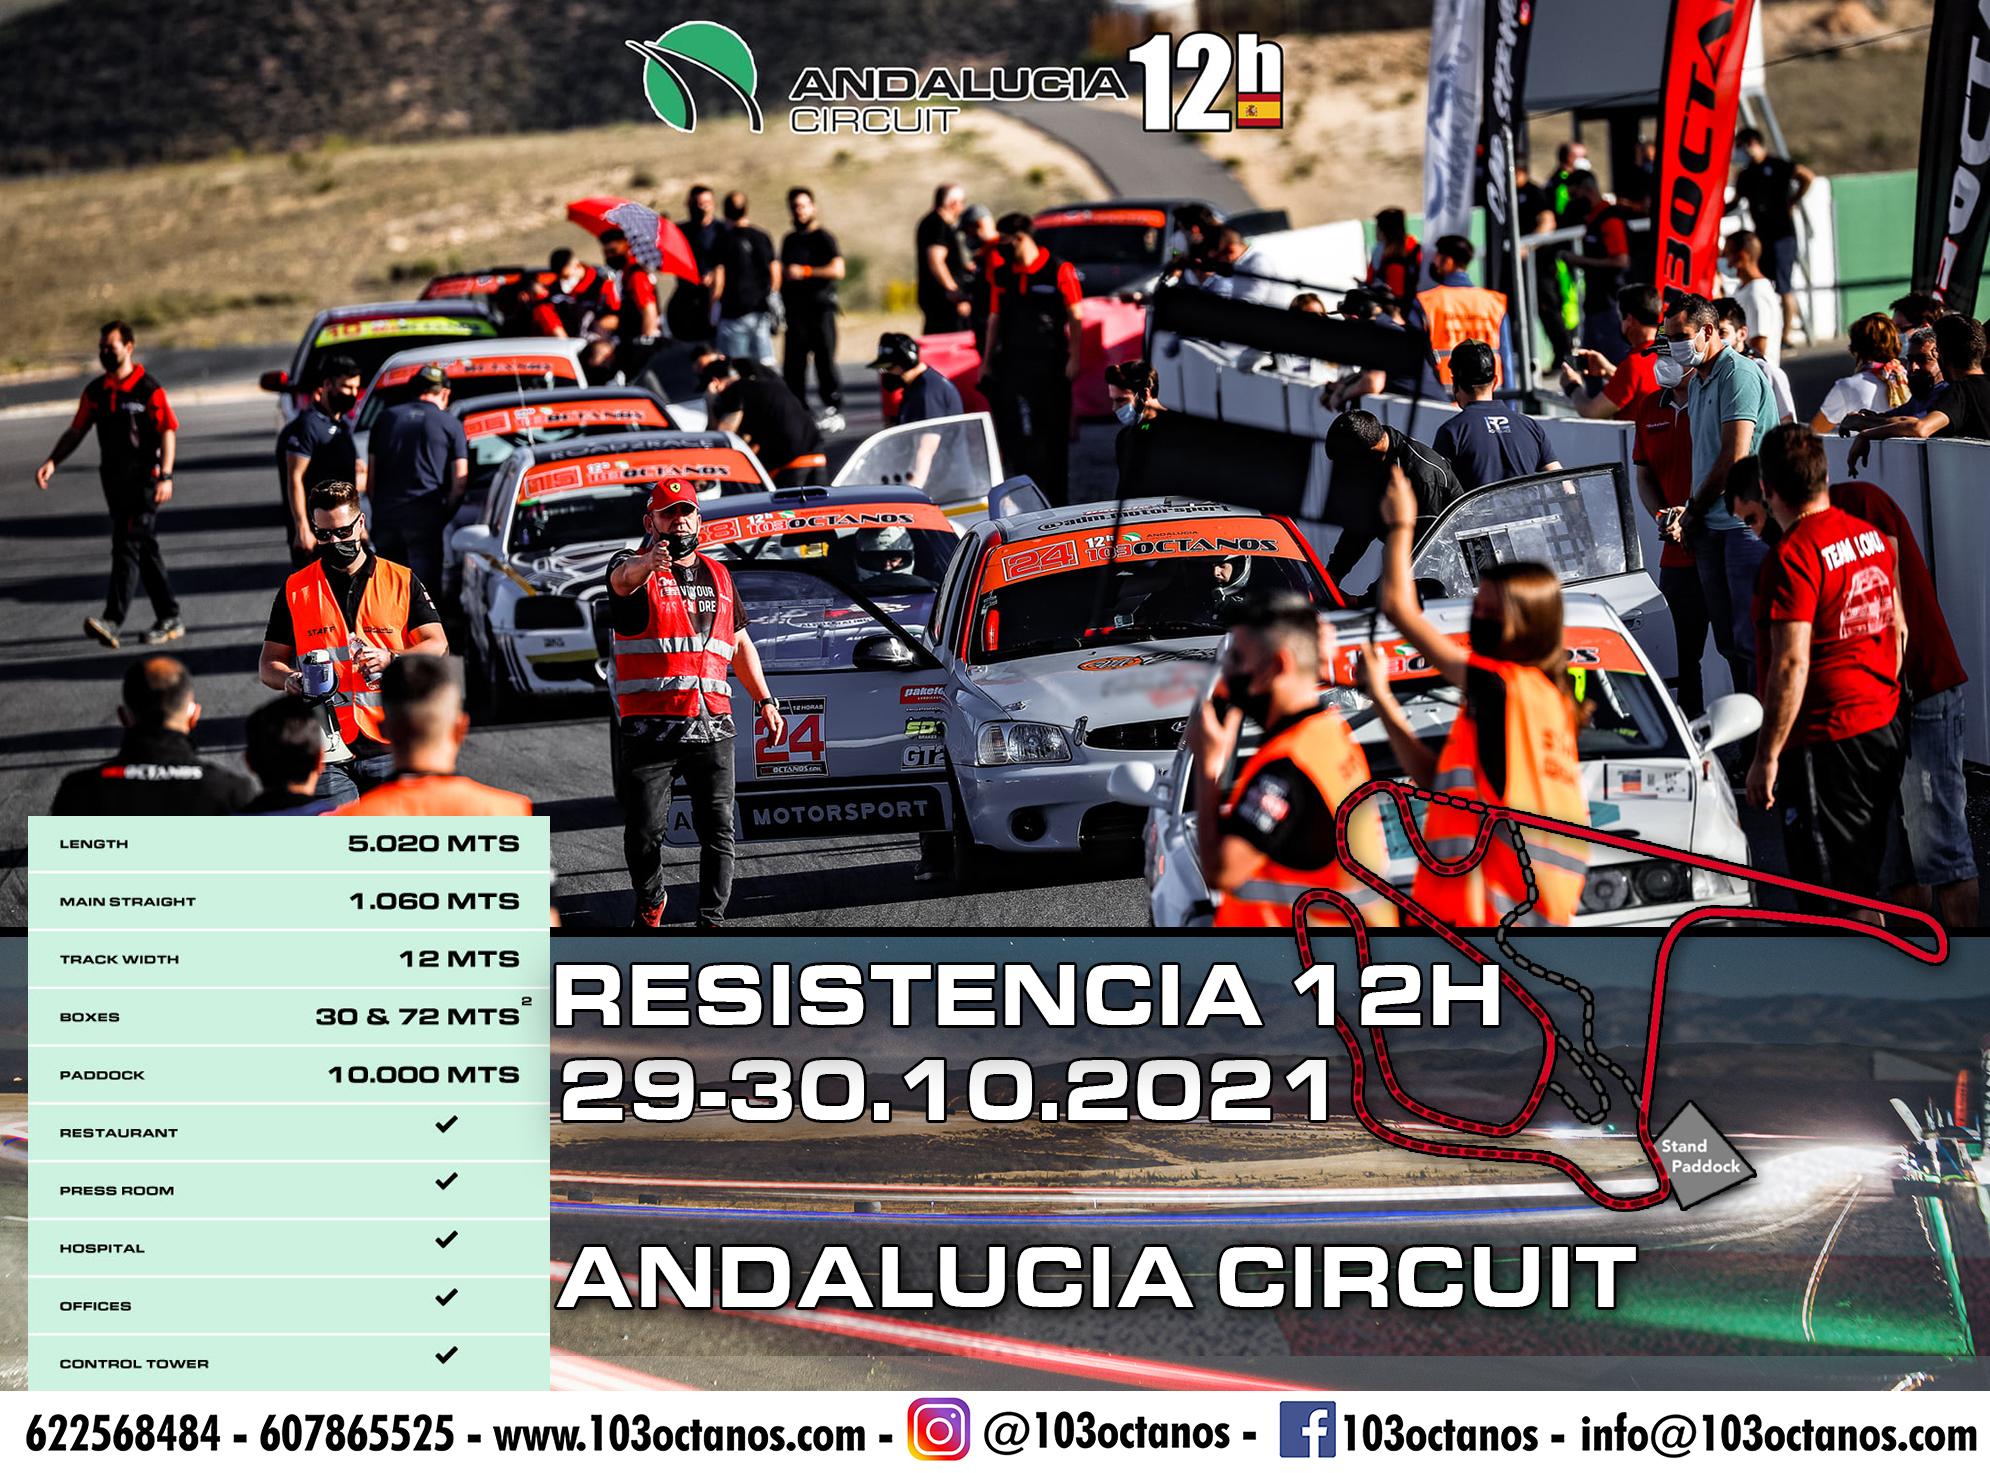 ANDALUCIA CIRCUIT